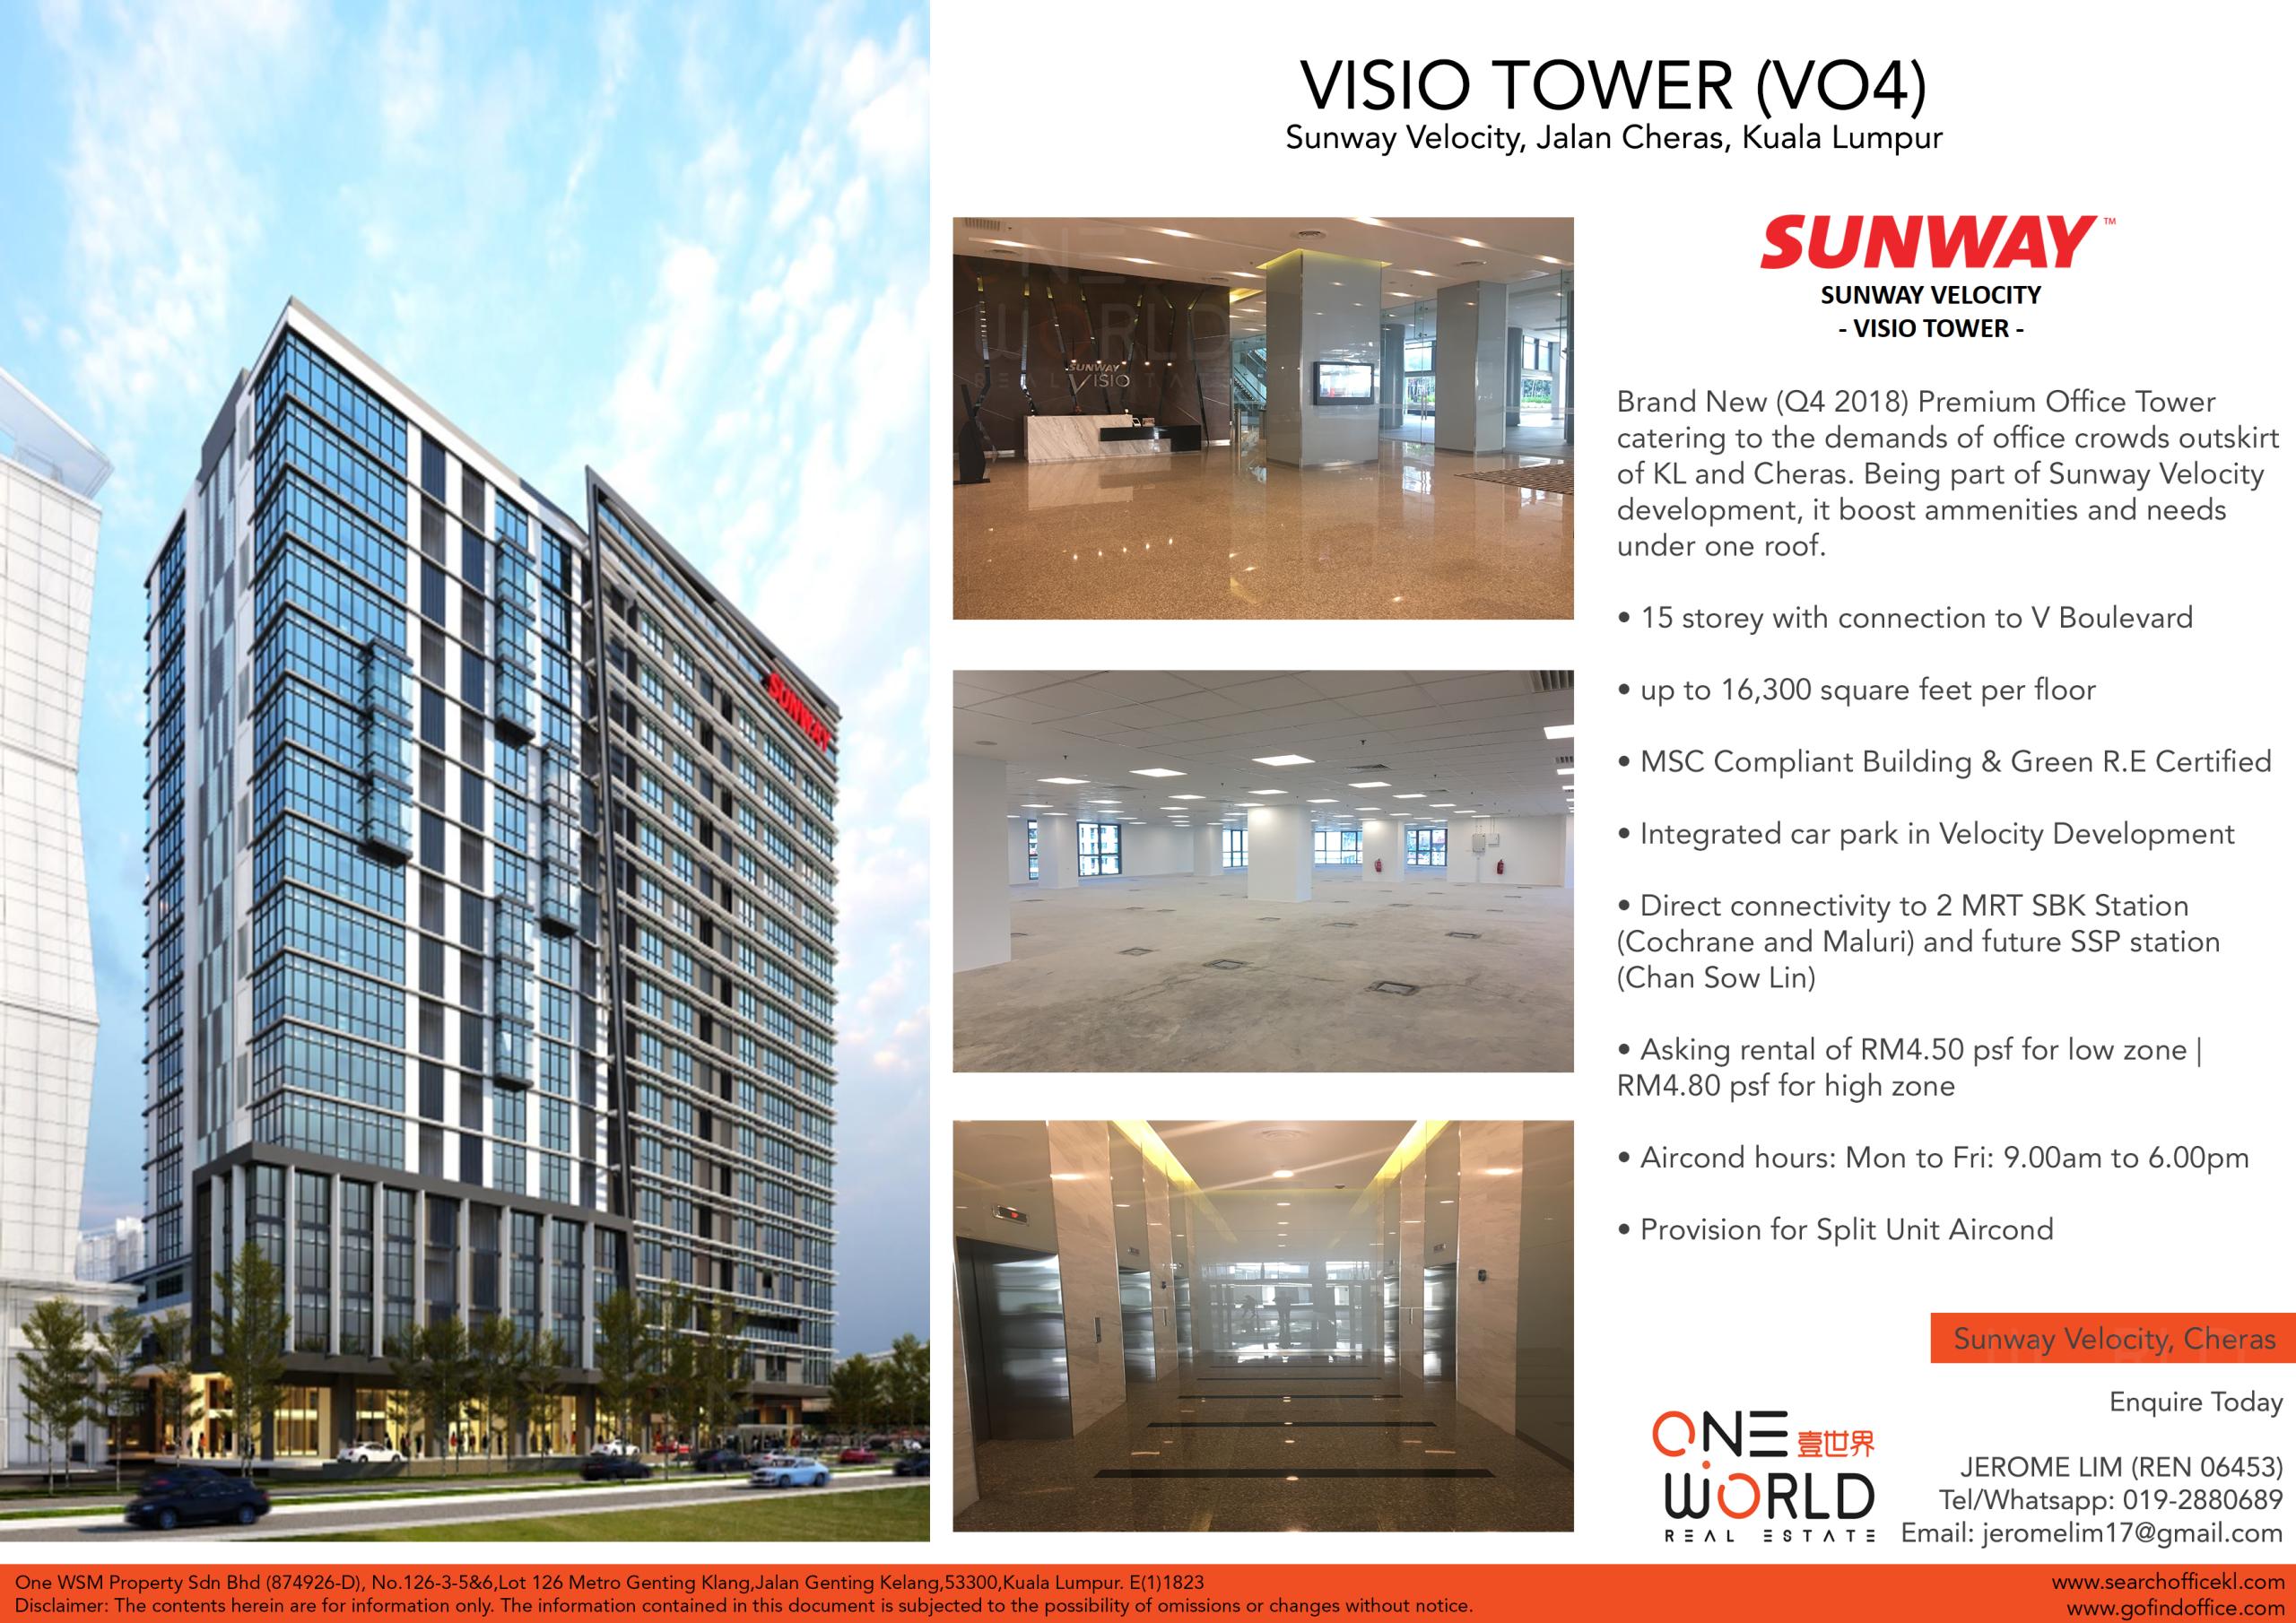 Visio Tower @ Sunway Velocity